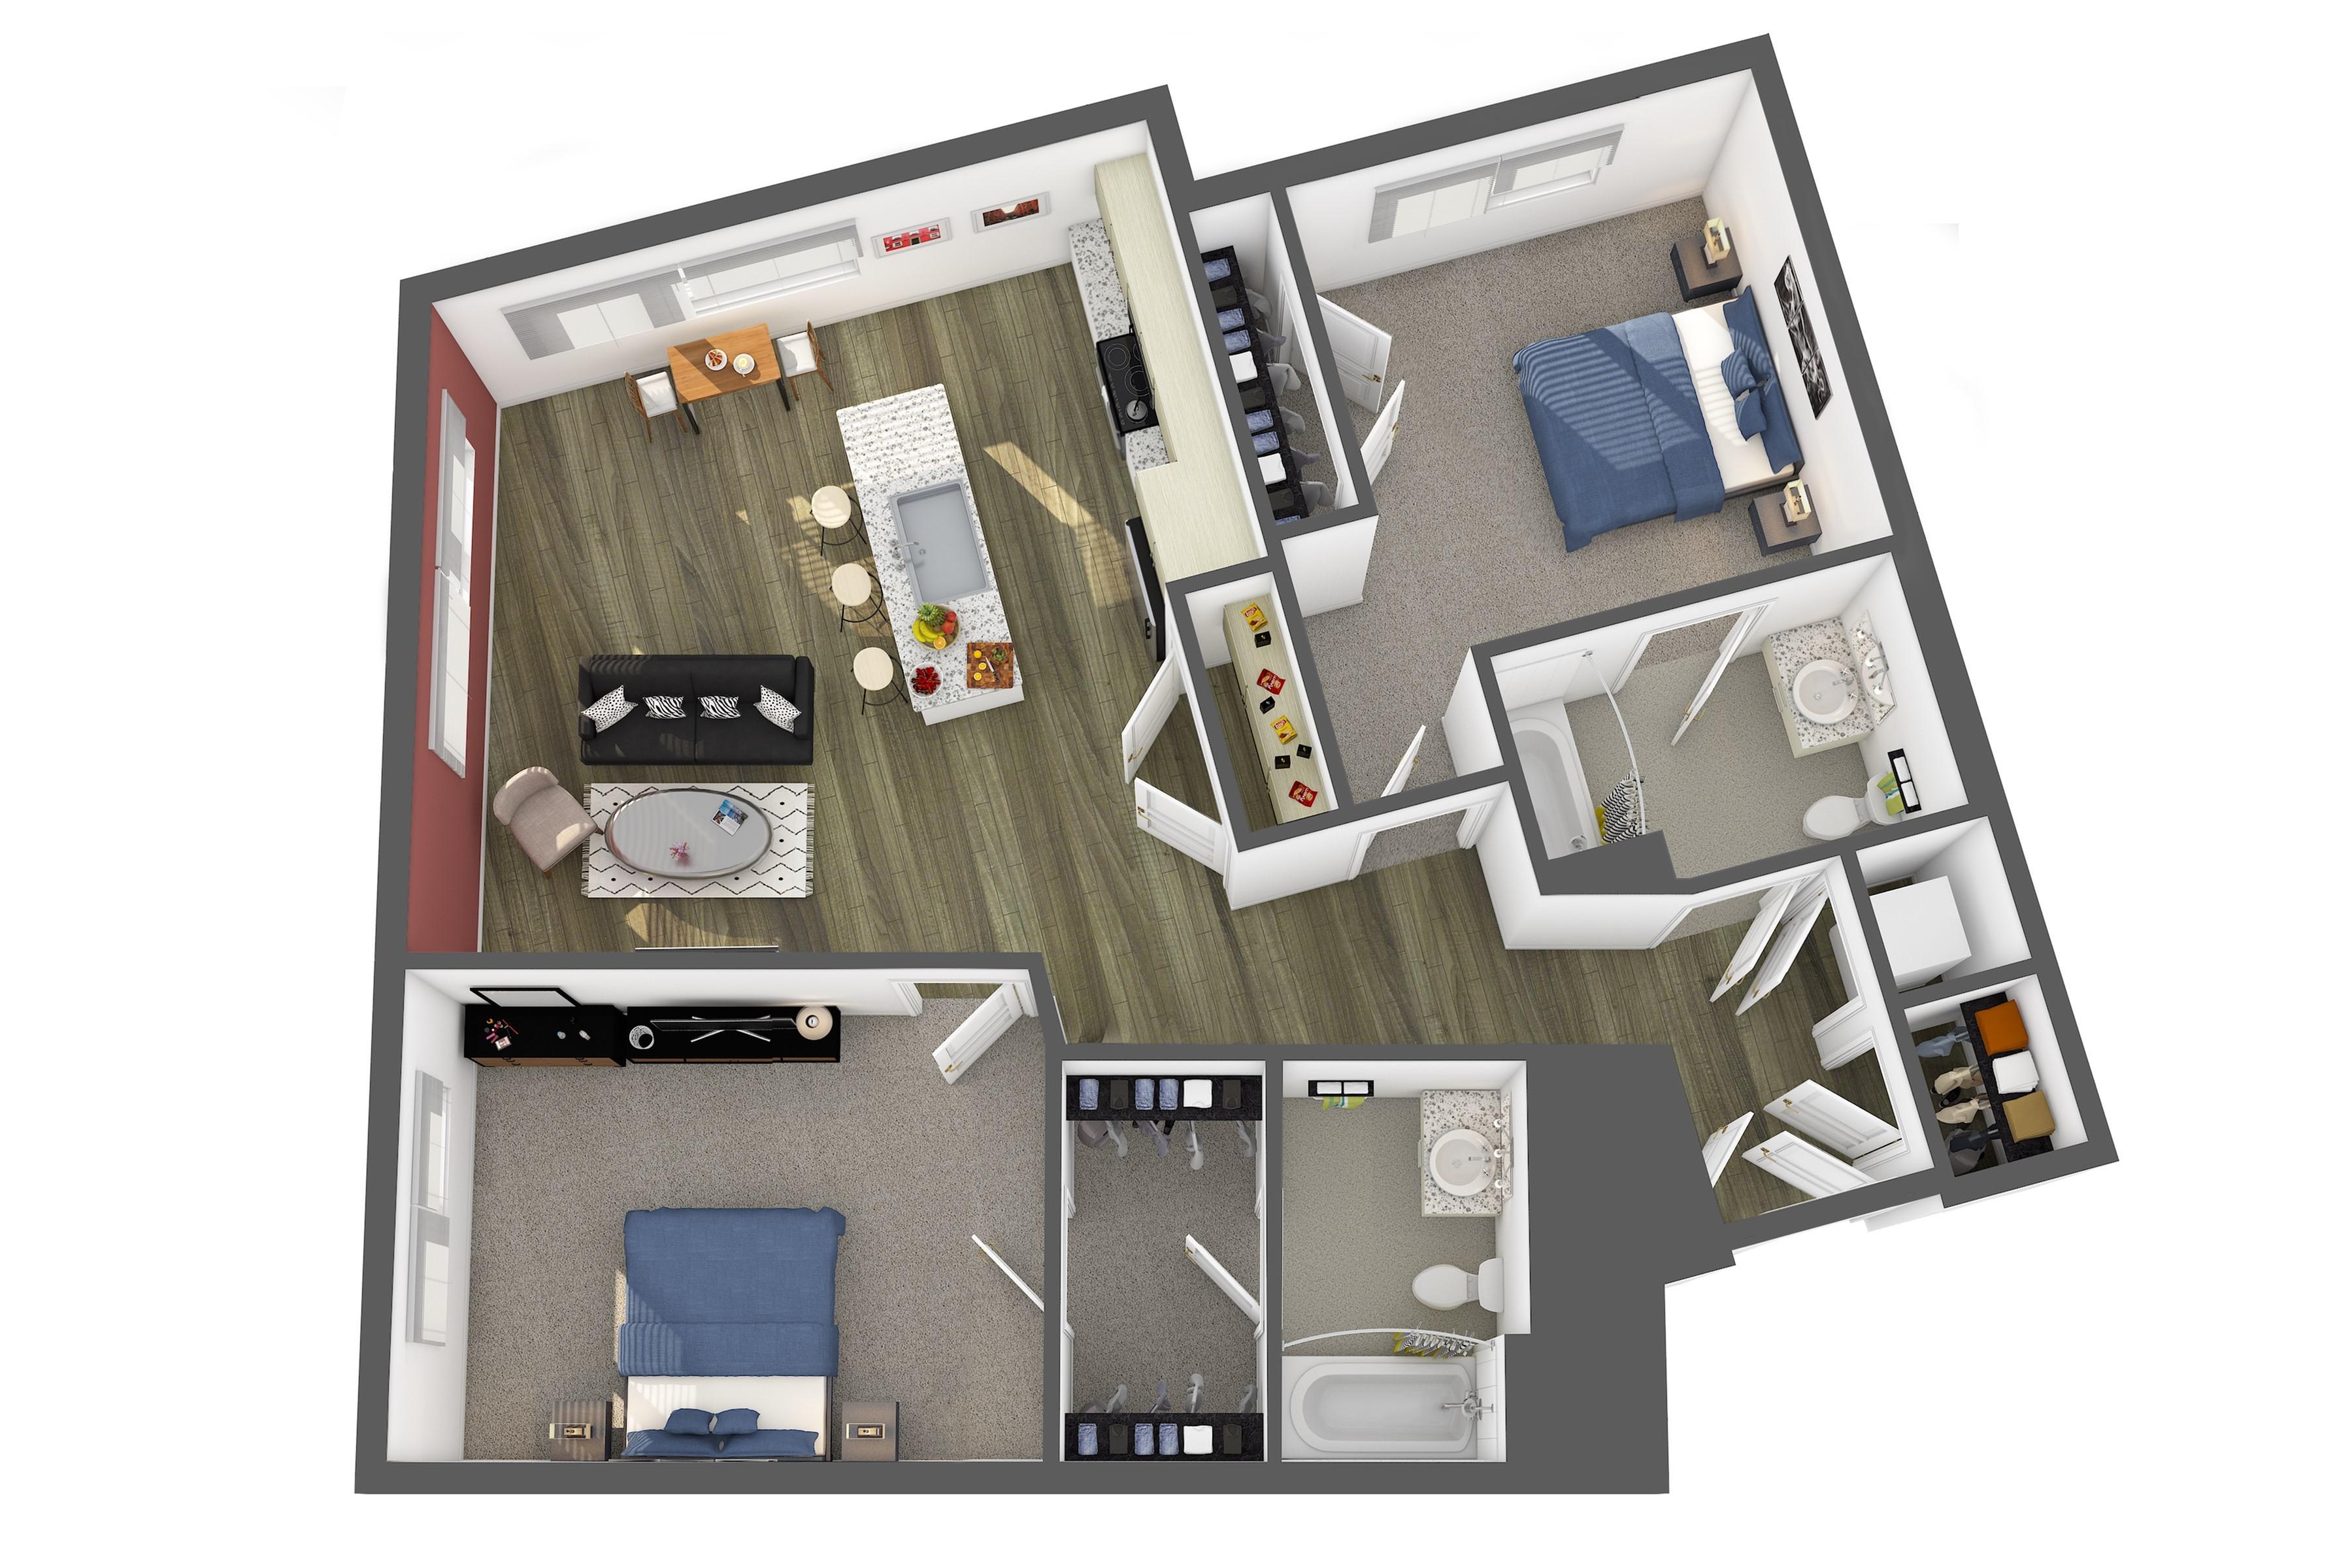 The Guggenheim Floor Plan